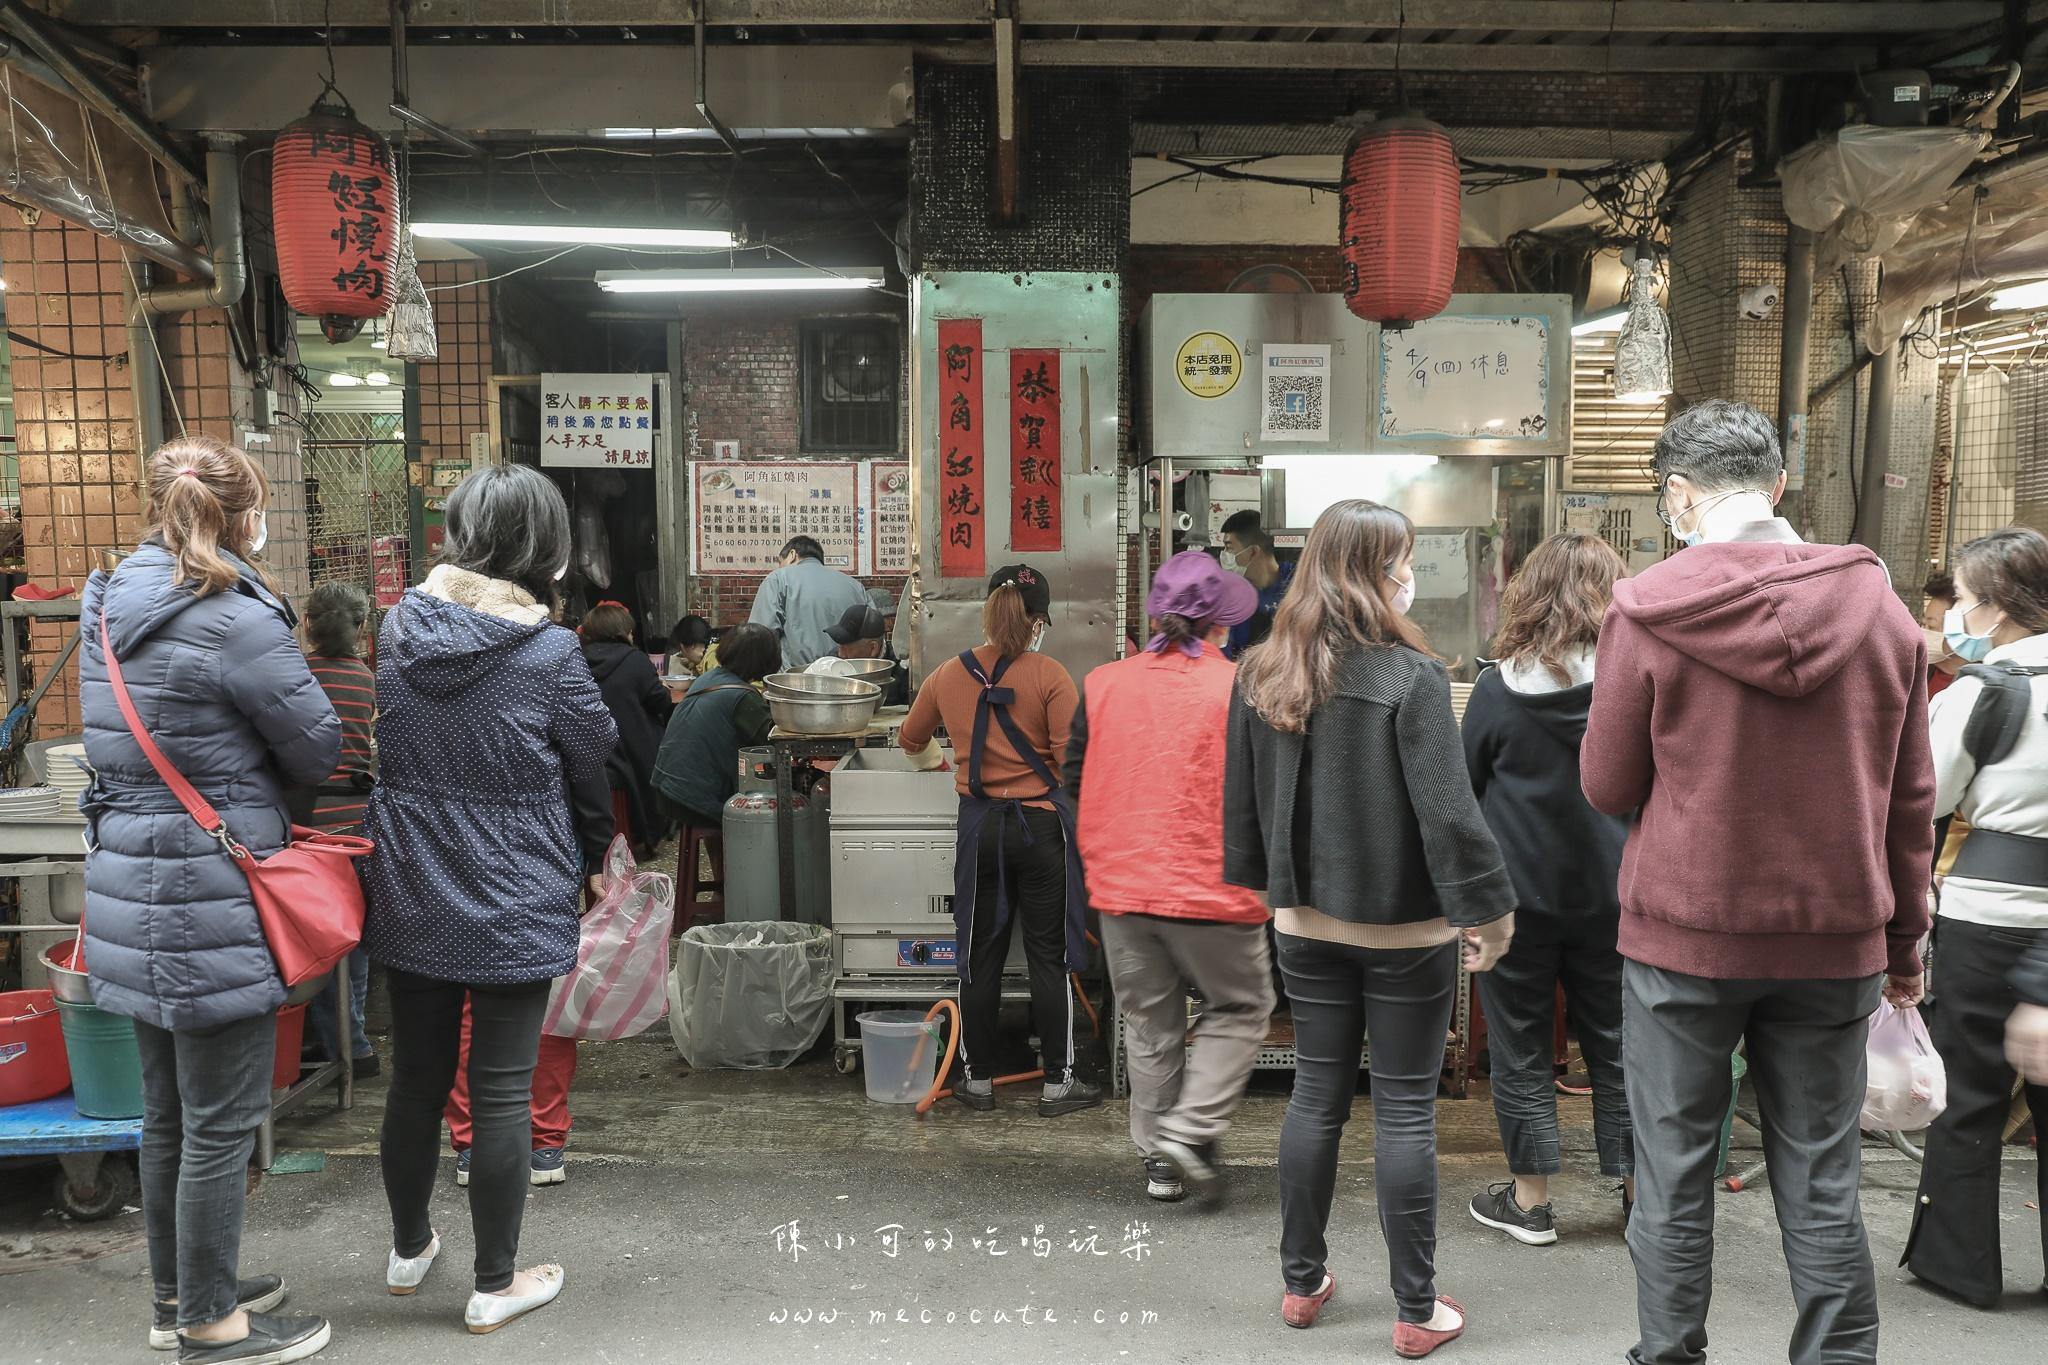 阿角紅燒肉,劉美麗紅燒肉,台北最好吃紅燒肉,台北早餐,阿角紅燒肉外帶,阿角紅燒肉菜單,劉美麗紅燒肉菜單,阿角紅燒肉營業時間,台北,大橋頭站美食